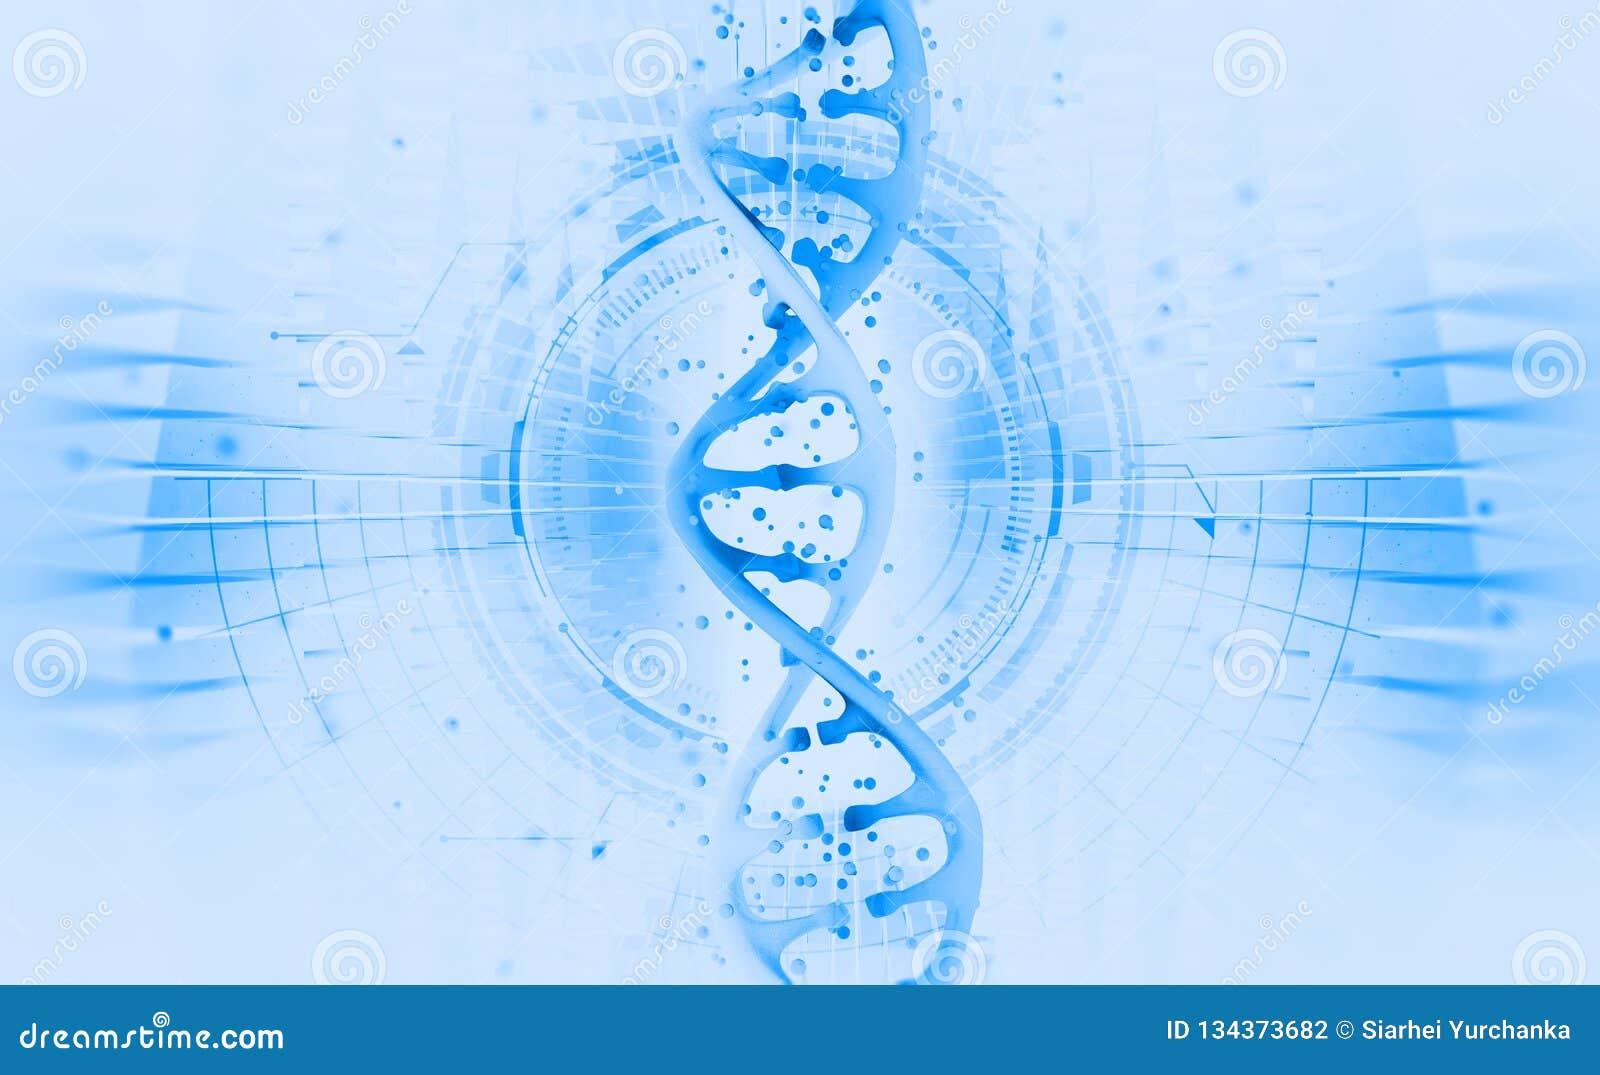 Έλικας DNA Γεια τεχνολογία τεχνολογίας στον τομέα της γενετικής εφαρμοσμένης μηχανικής Εργασία για την τεχνητή νοημοσύνη